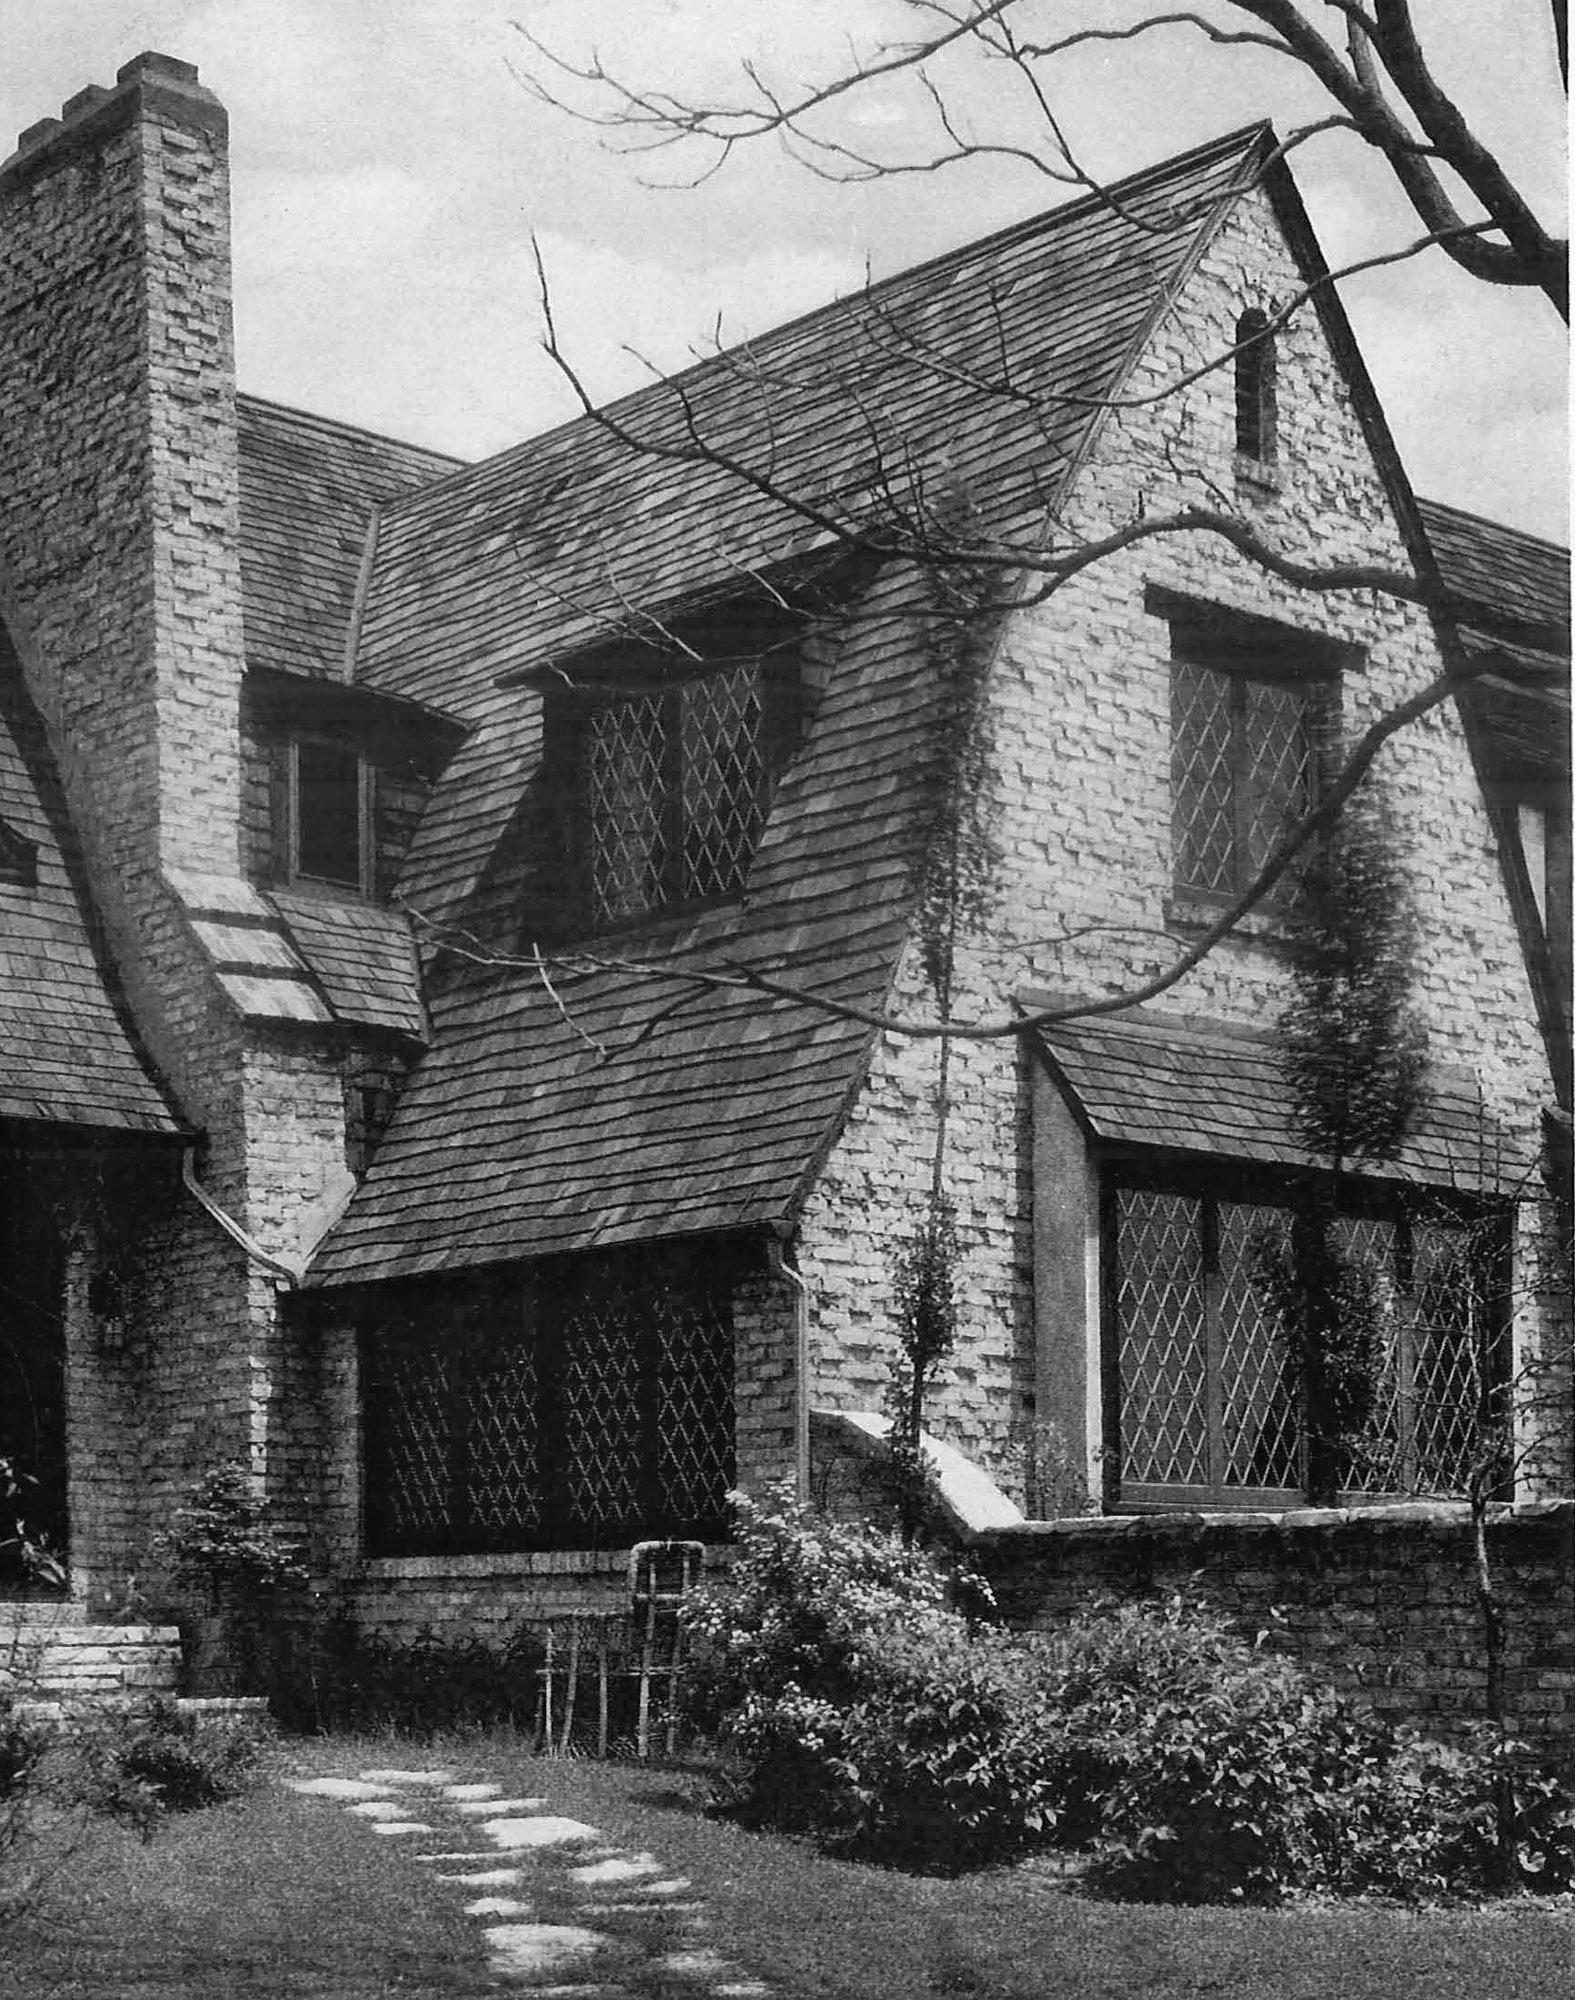 Skintled brick house, Winnetka